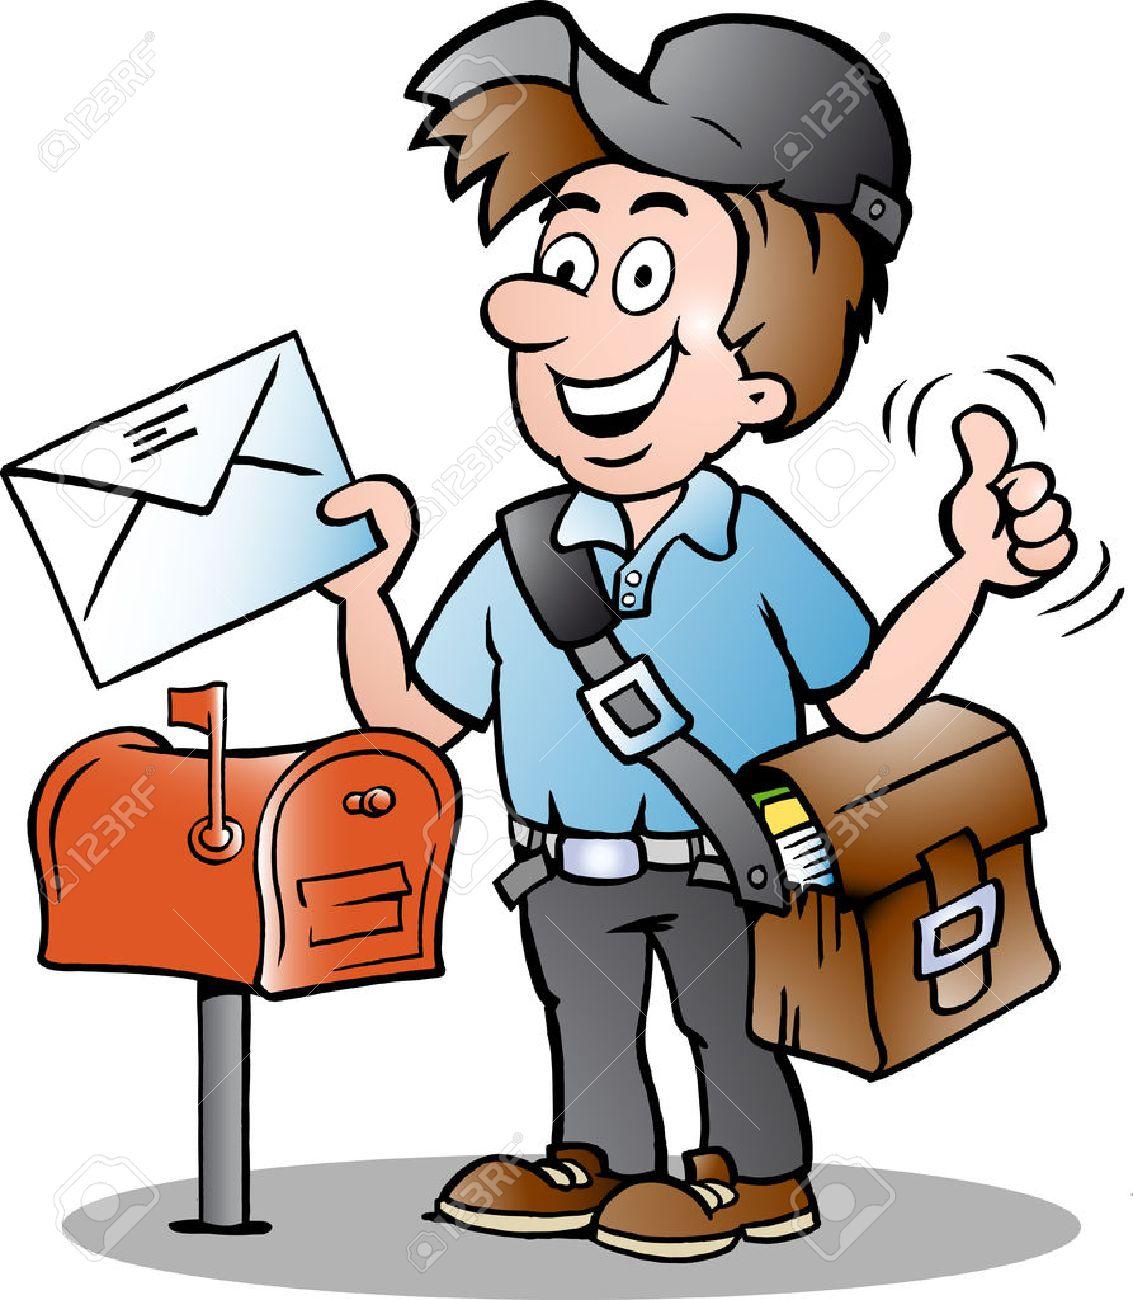 幸せな郵便配達の手描きイラスト ロイヤリティフリークリップアート